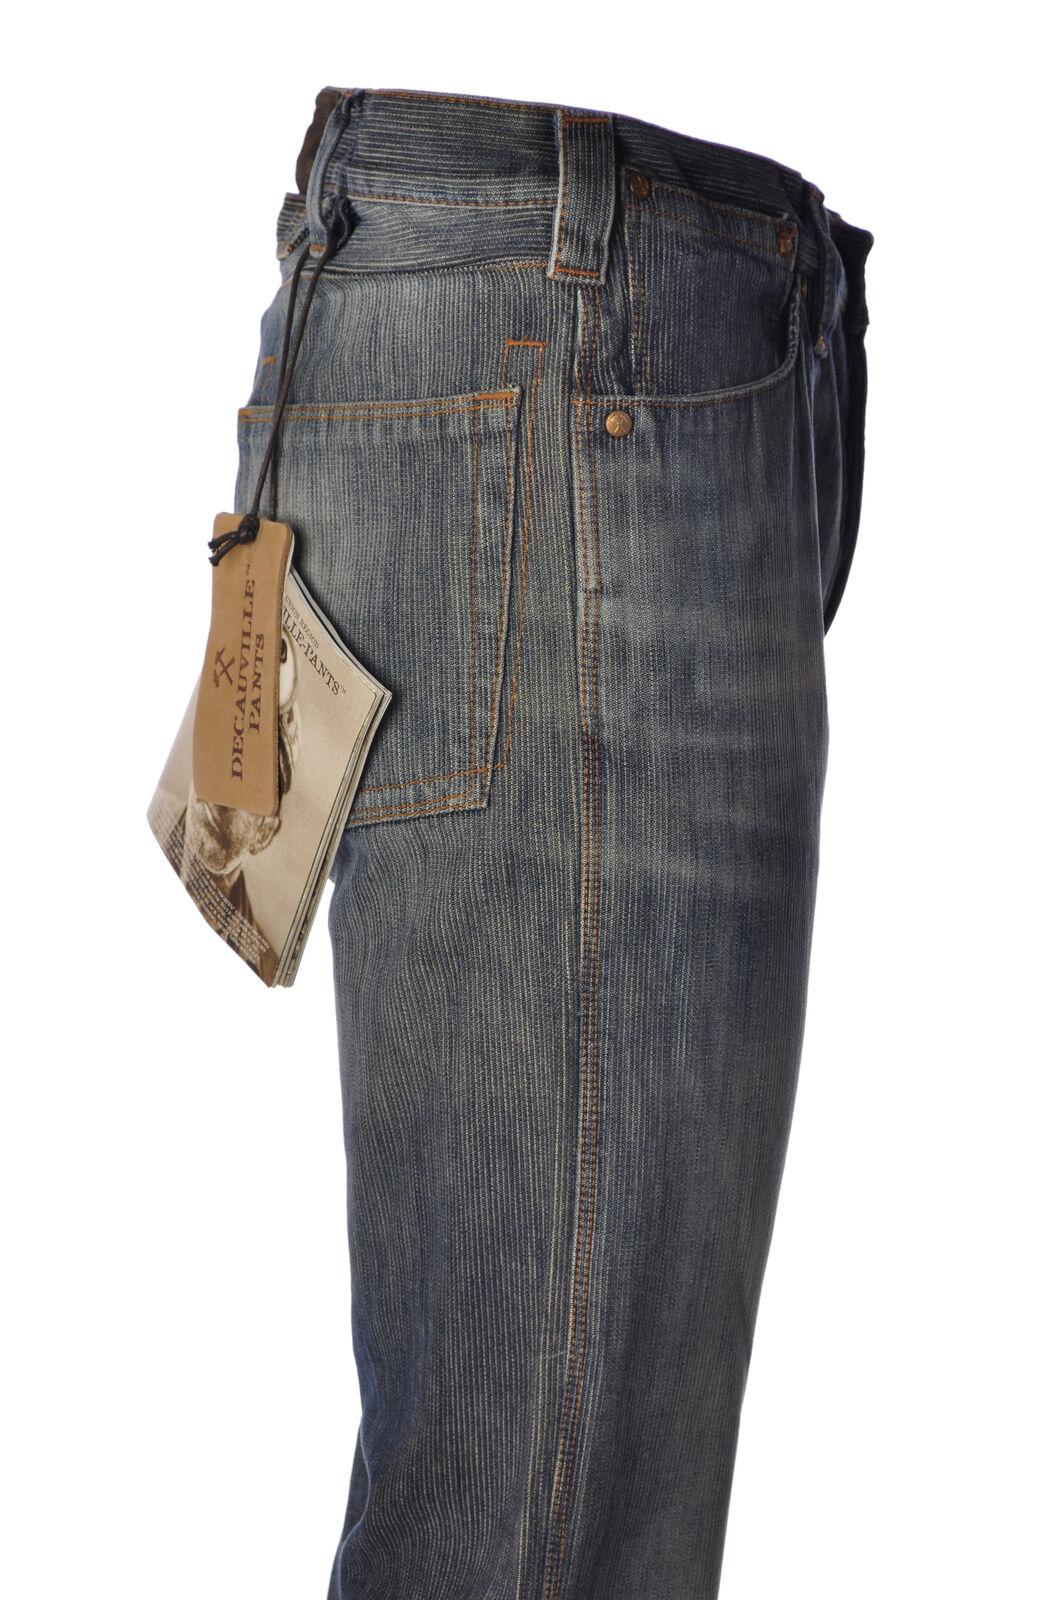 Decauville Pants - Jeans-Pants - Man - Denim - 2976312F184458